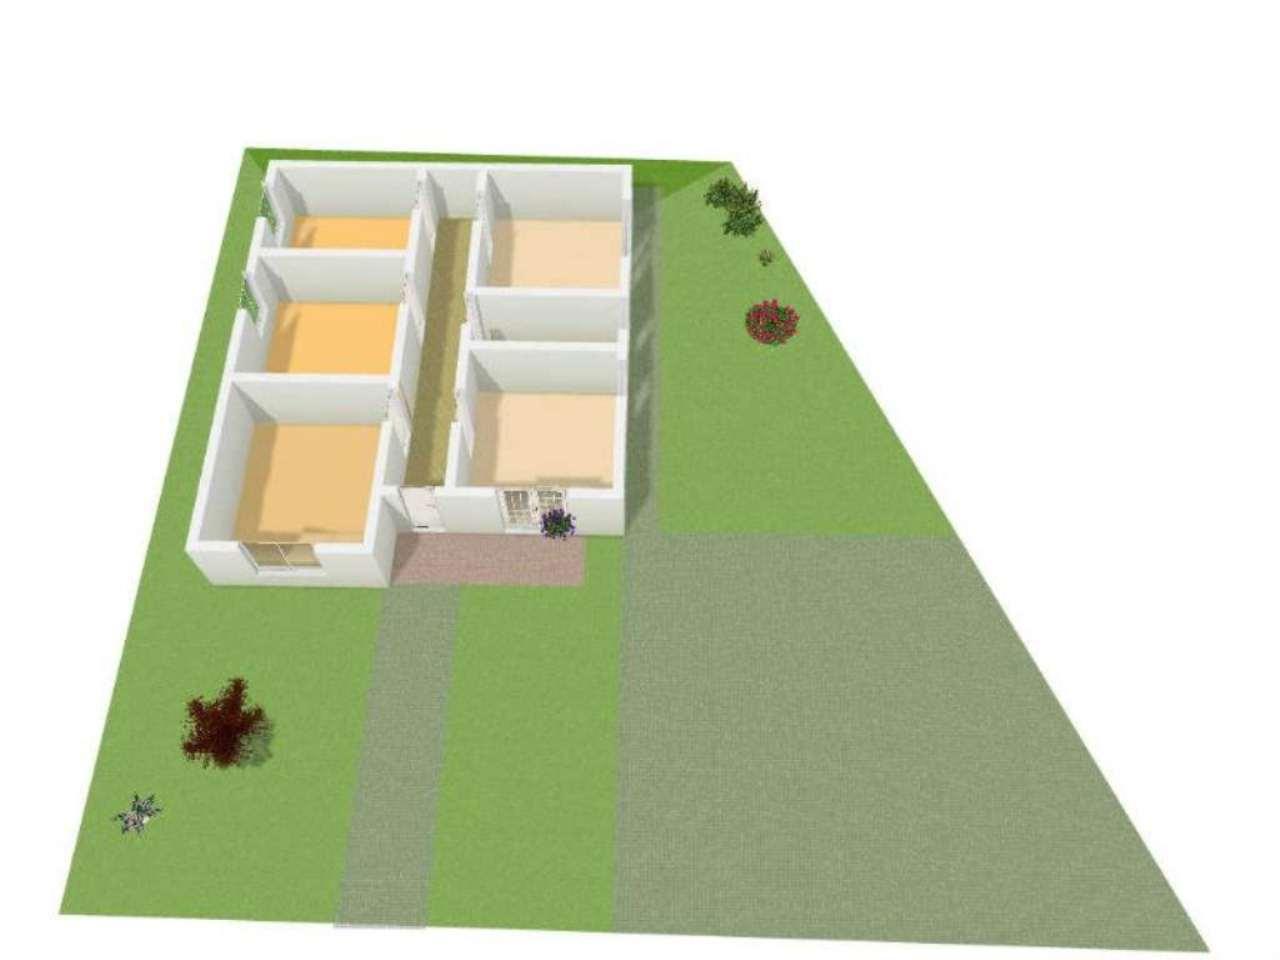 Villa in vendita a Treviglio, 4 locali, prezzo € 240.000 | Cambio Casa.it